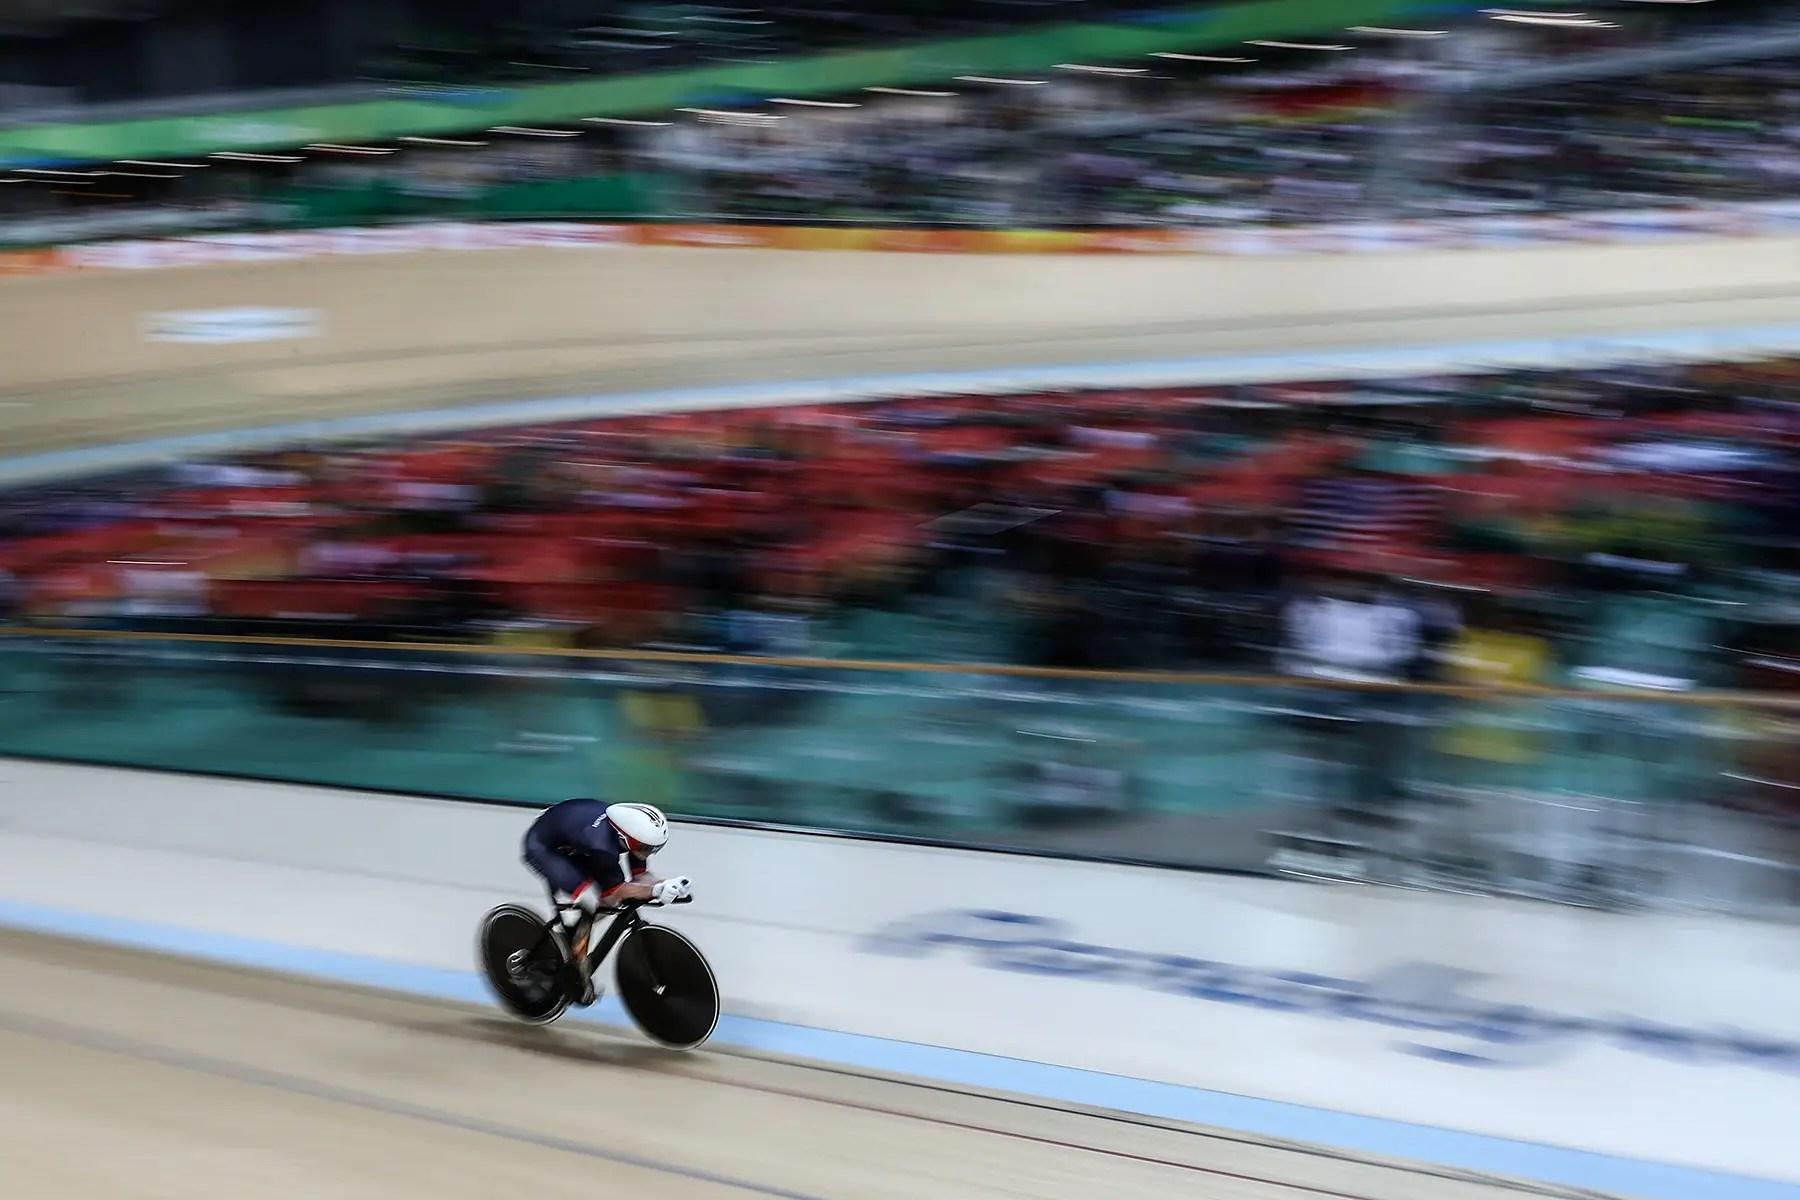 Jody Cundy del equipo de Gran Bretaña compite en una contrarreloj en el velódromo.